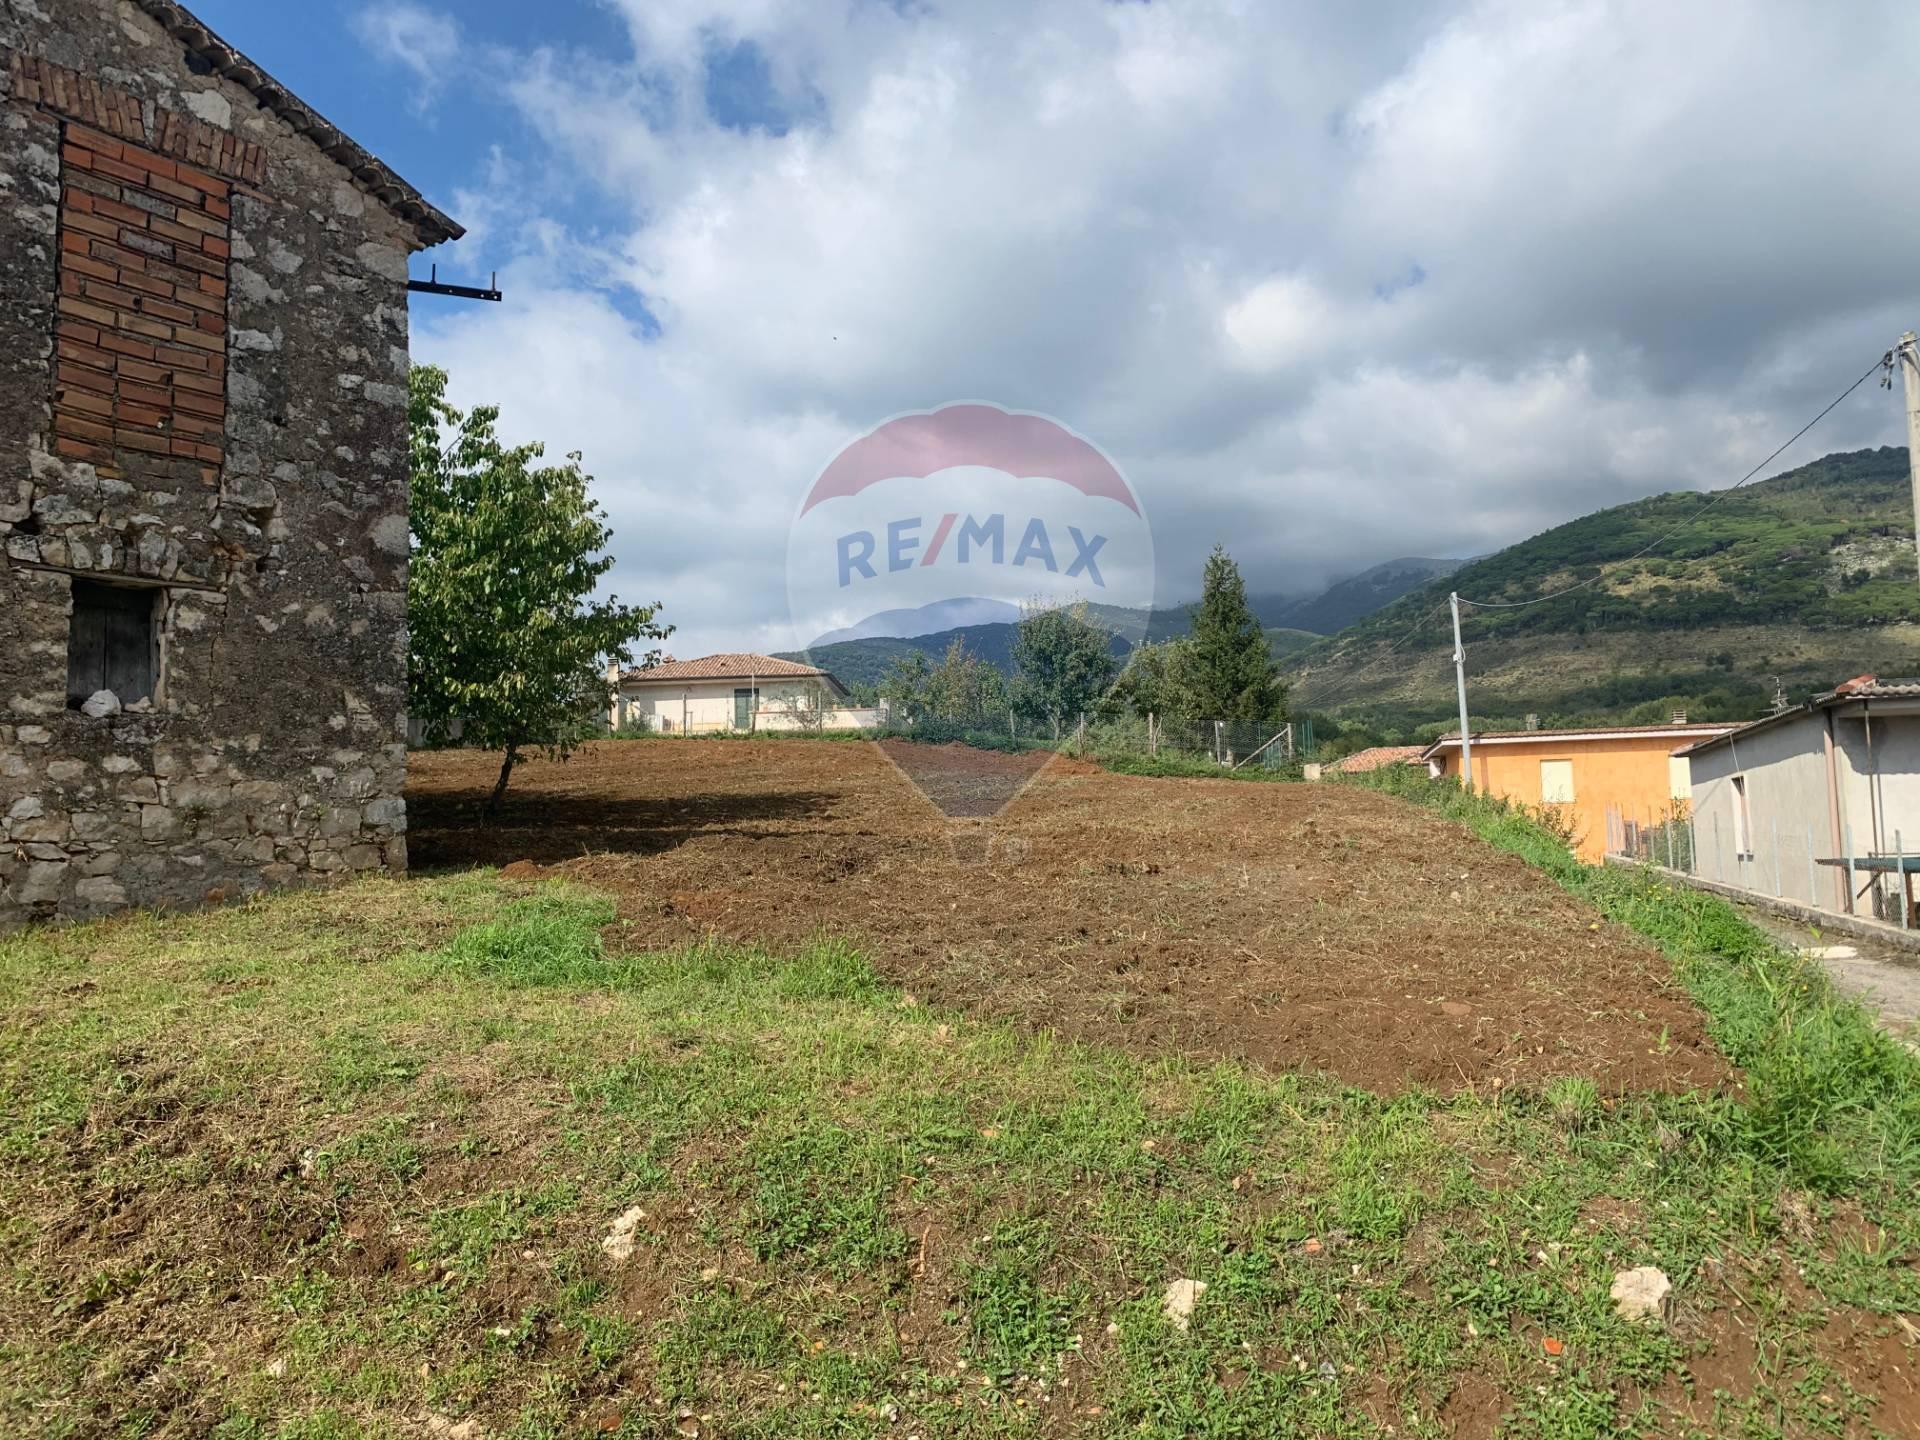 Terreno Edificabile Residenziale in vendita a Bassiano, 9999 locali, prezzo € 30.000 | CambioCasa.it